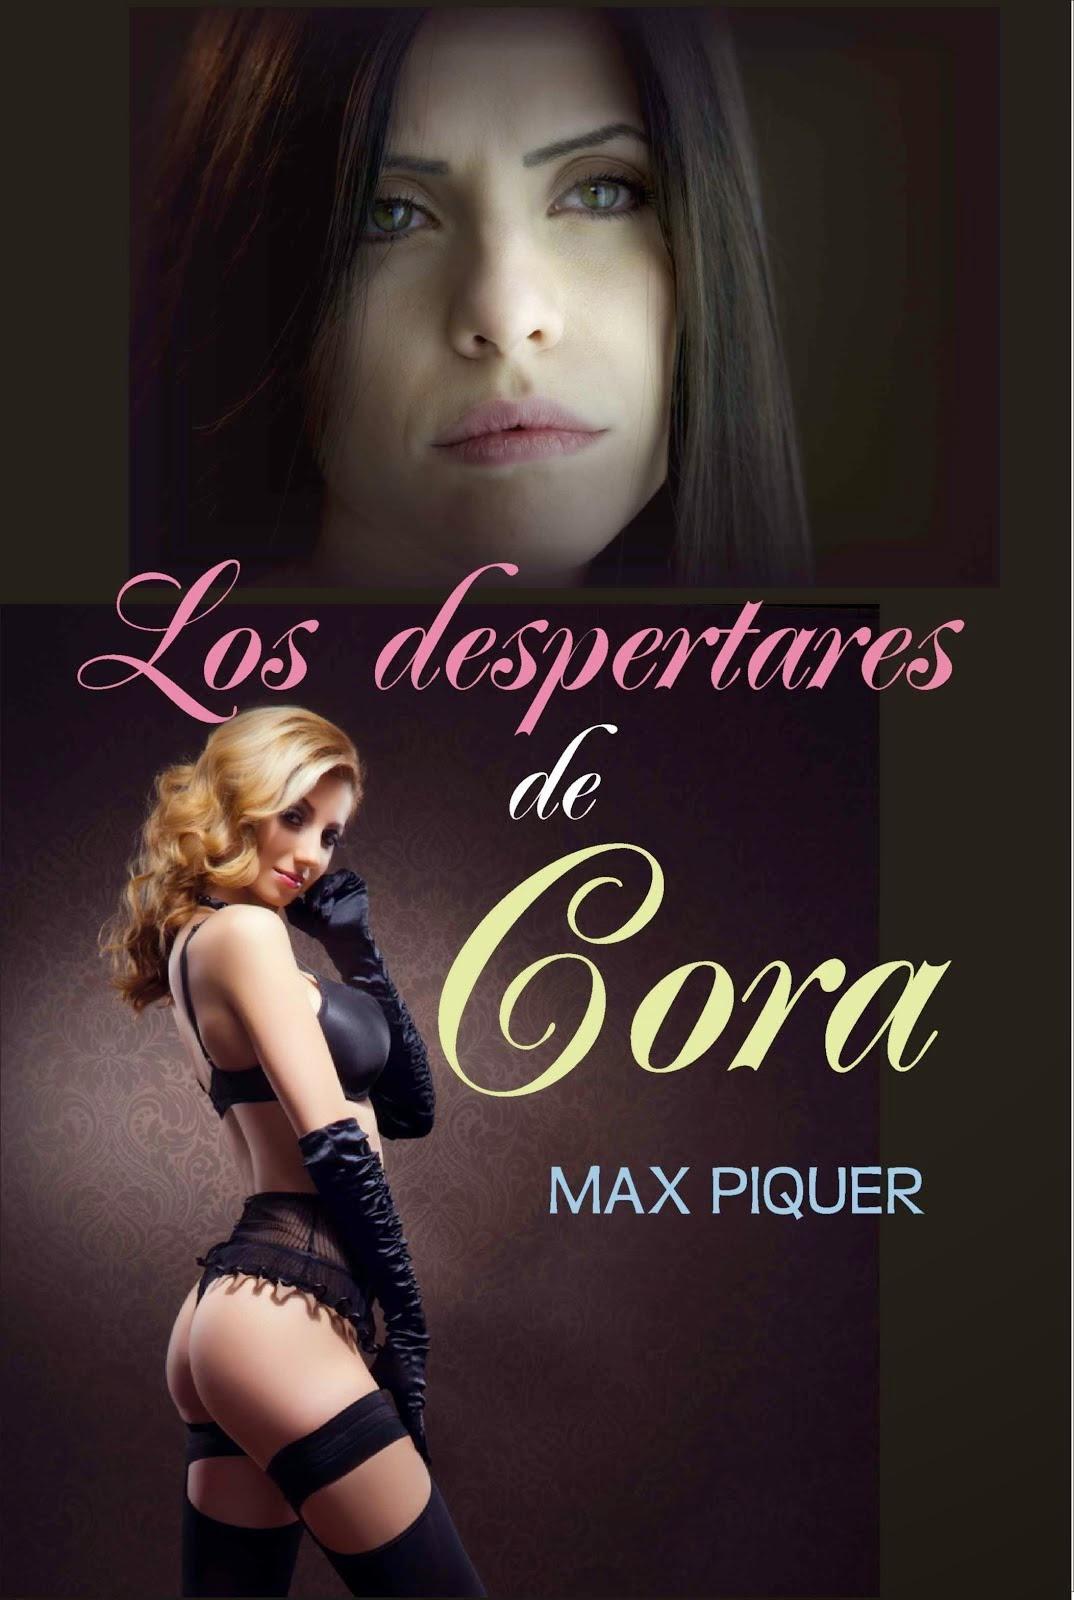 LOS DESPERTARES DE CORA